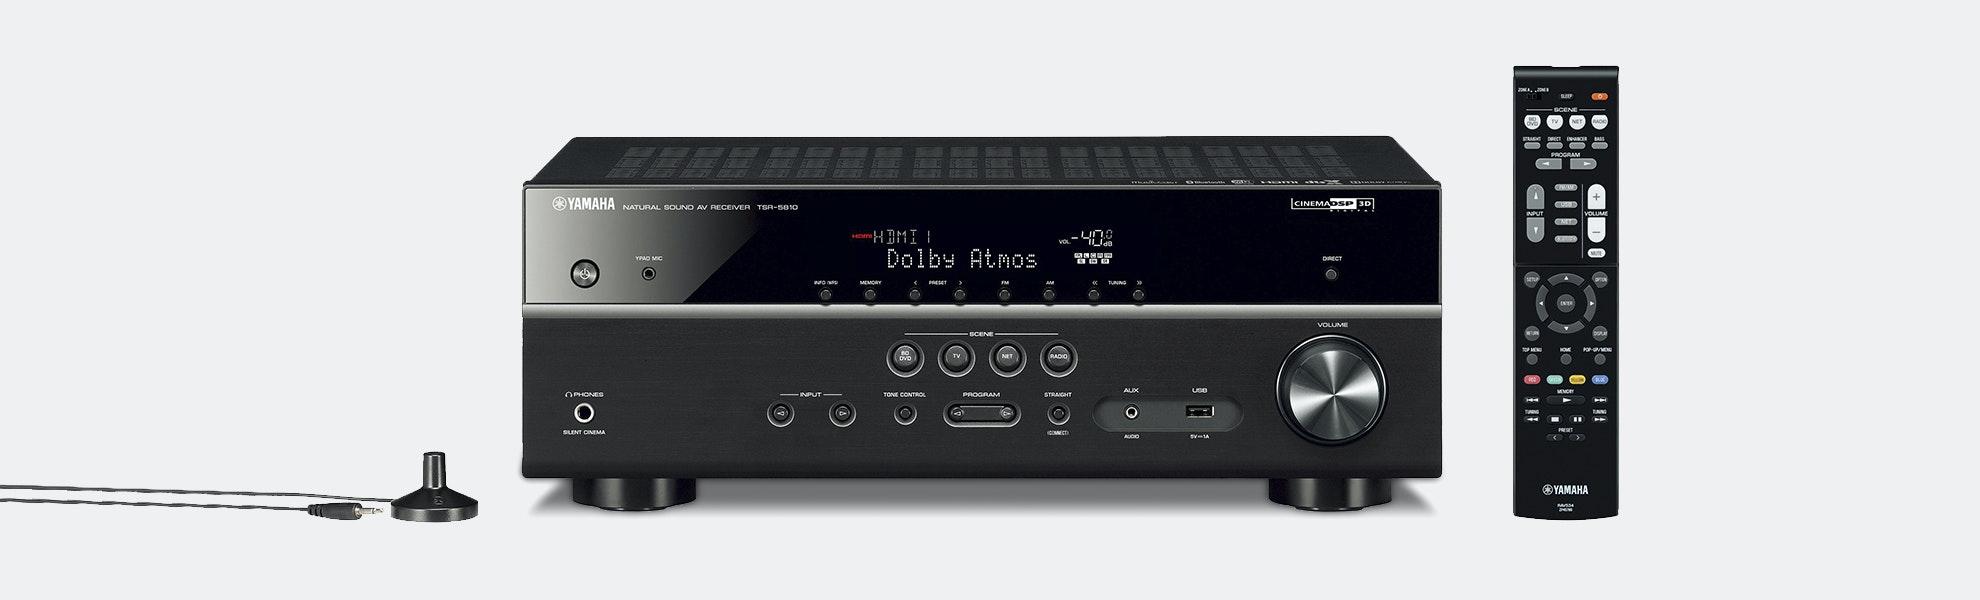 Yamaha TSR-5810 7.2ch 4K Ultra AV Receiver (Refurb)